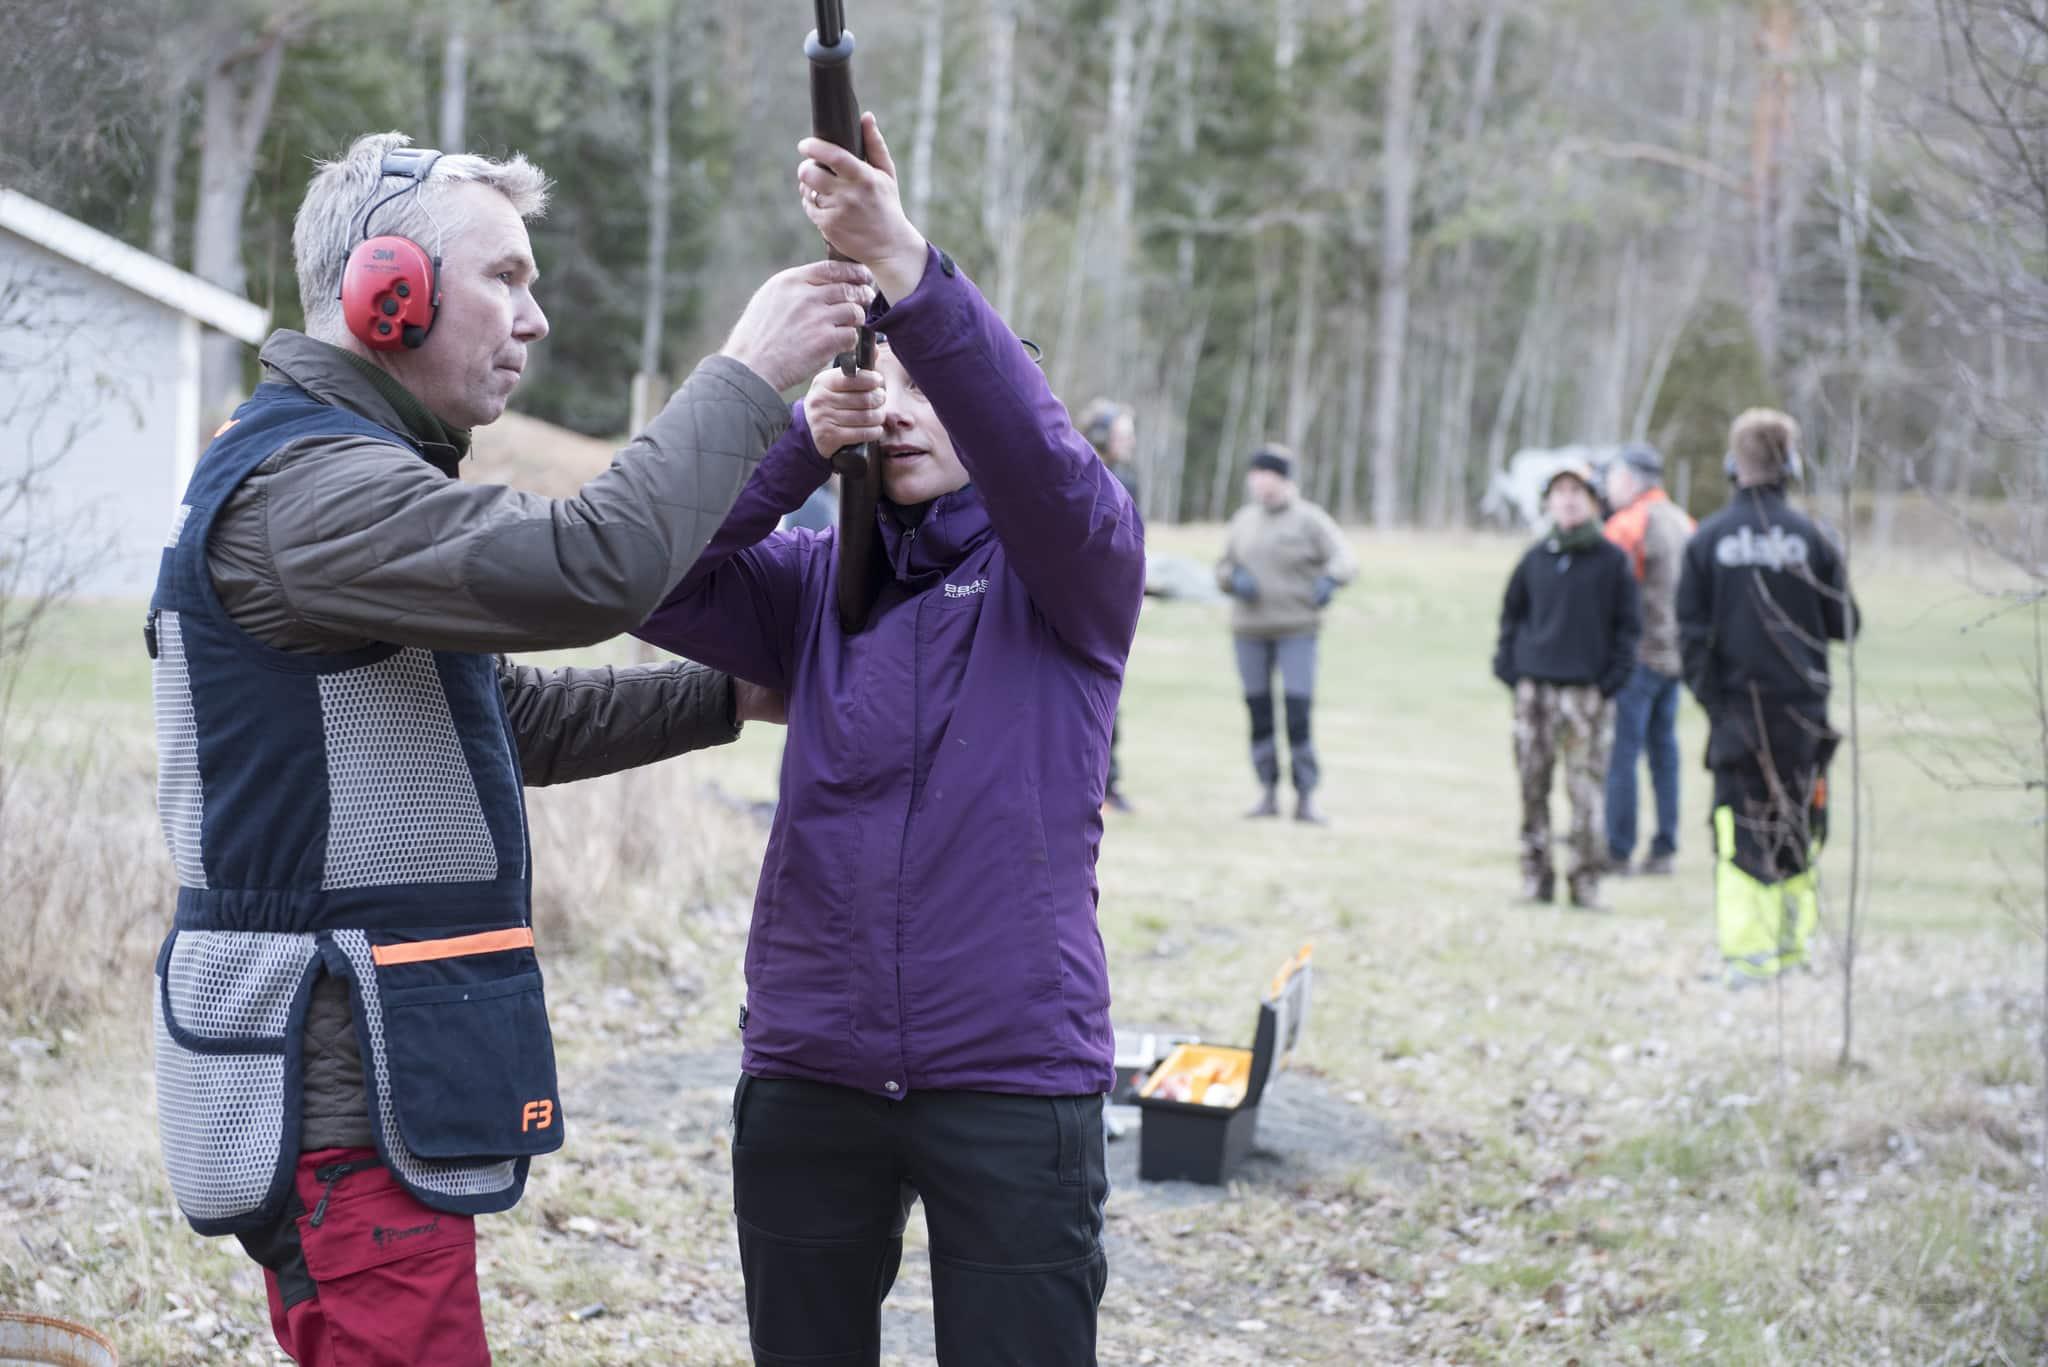 Intresset fö ratt bli jägare är stort. Förra året genomförde 12.800 blivande jägare det teoretiska provet, och många avslutade examen med de olika skjutproven. Foto: Jan Henricson